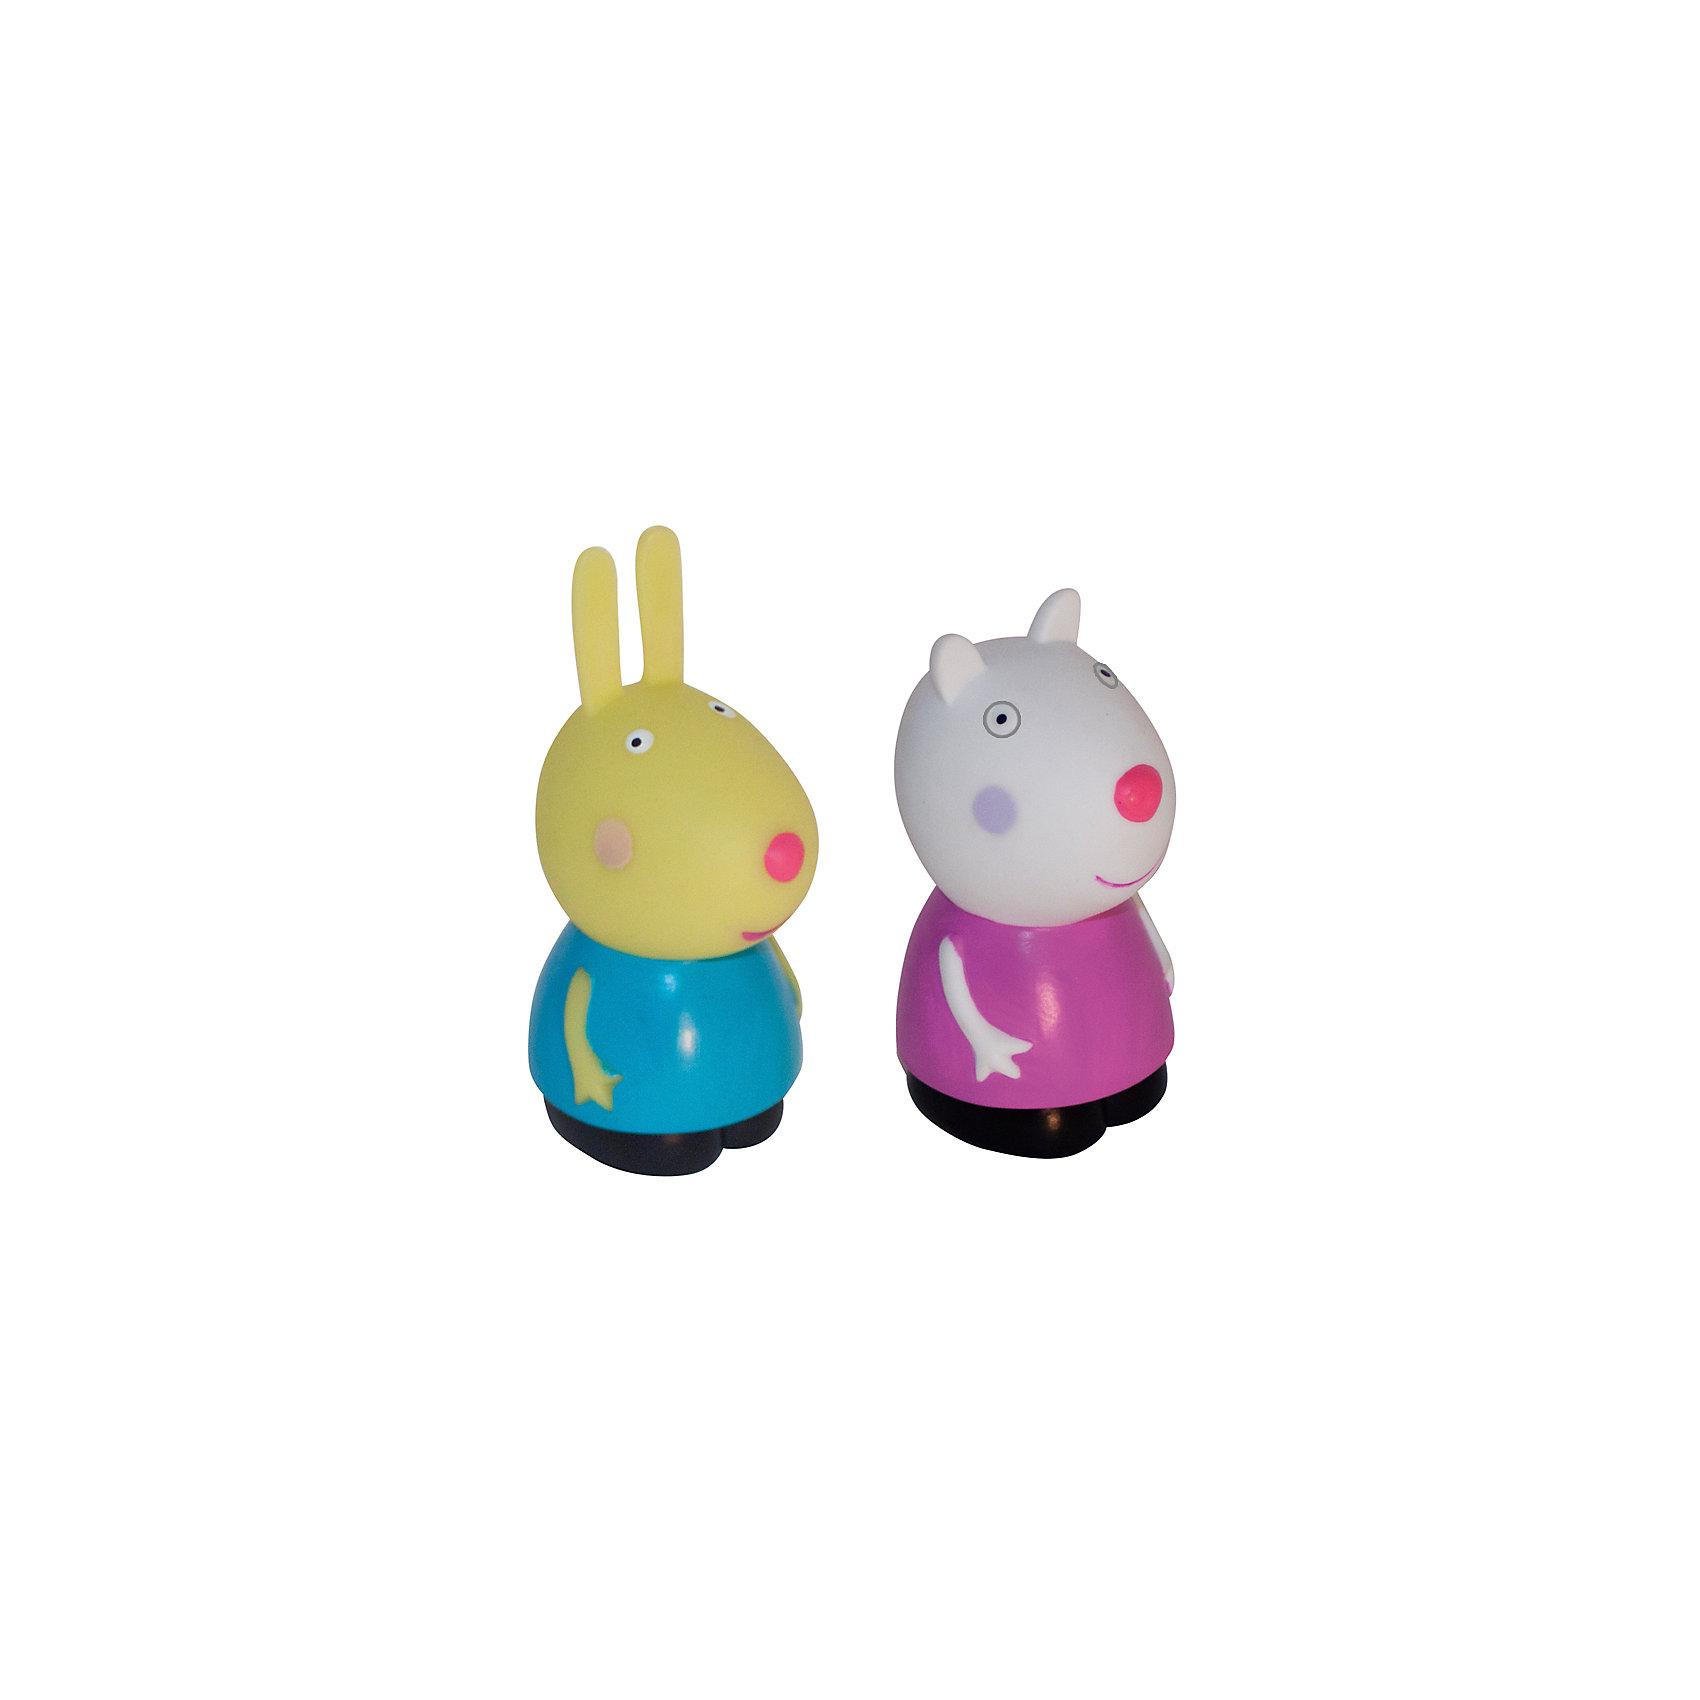 Игровой набор Сьюзи и Ребекка, 10 см, Свинка ПеппаКоллекционные и игровые фигурки<br>Овечка Сьюзи и кролик Ребекка желают подружиться с вашим малышом. Пластизолевые фигурки послужат прекрасным дополнением во время водных процедур и превратят купание крохи в праздник. Приятная на ощупь поверхность игрушек развивает тактильное восприятие, а увлекательные сюжетно-ролевые игры с ними помогают малышам обмениваться знаниями, развивать воображение и, конечно, весело проводить время с друзьями. Соберите всех персонажей из серии «Peppa Pig» и забавные мультфильмы о веселой свинке оживут прямо у вас дома. Игрушки выполнены из высококачественных экологичных материалов безопасных для детей. <br><br>Дополнительная информация:<br><br>- Материал: пластизоль.<br>- 2 фигурки в наборе.<br>- Размер фигурок: 10 см.<br><br>Игровой набор  Сьюзи и Ребекка, 10 см, Свинка Пеппа, можно купить в нашем магазине.<br><br>Ширина мм: 100<br>Глубина мм: 55<br>Высота мм: 120<br>Вес г: 97<br>Возраст от месяцев: 36<br>Возраст до месяцев: 72<br>Пол: Унисекс<br>Возраст: Детский<br>SKU: 4261820